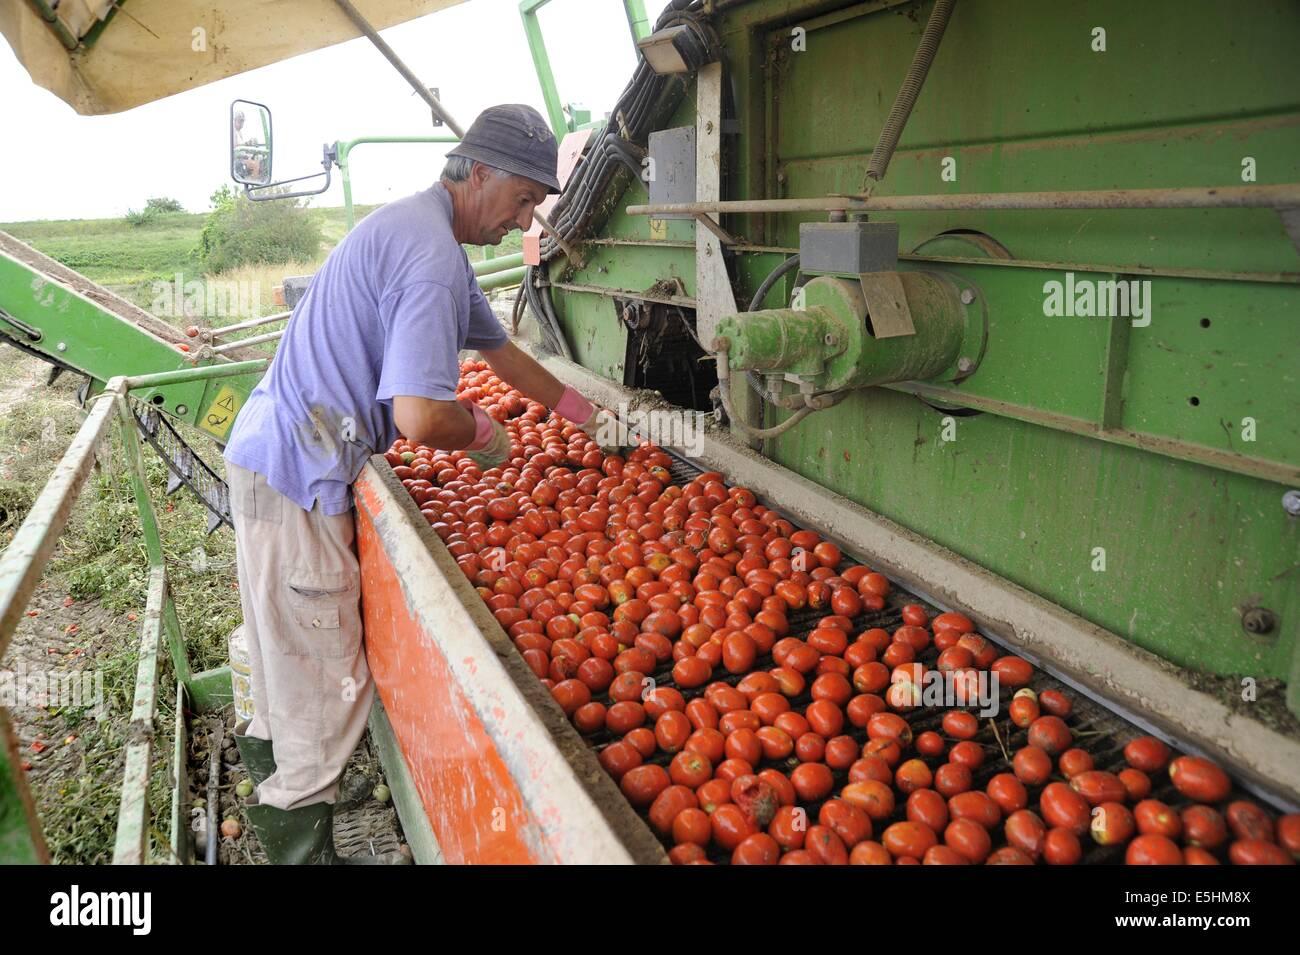 Pomodori raccolta automatizzata in provincia di Piacenza (Italia) Immagini Stock